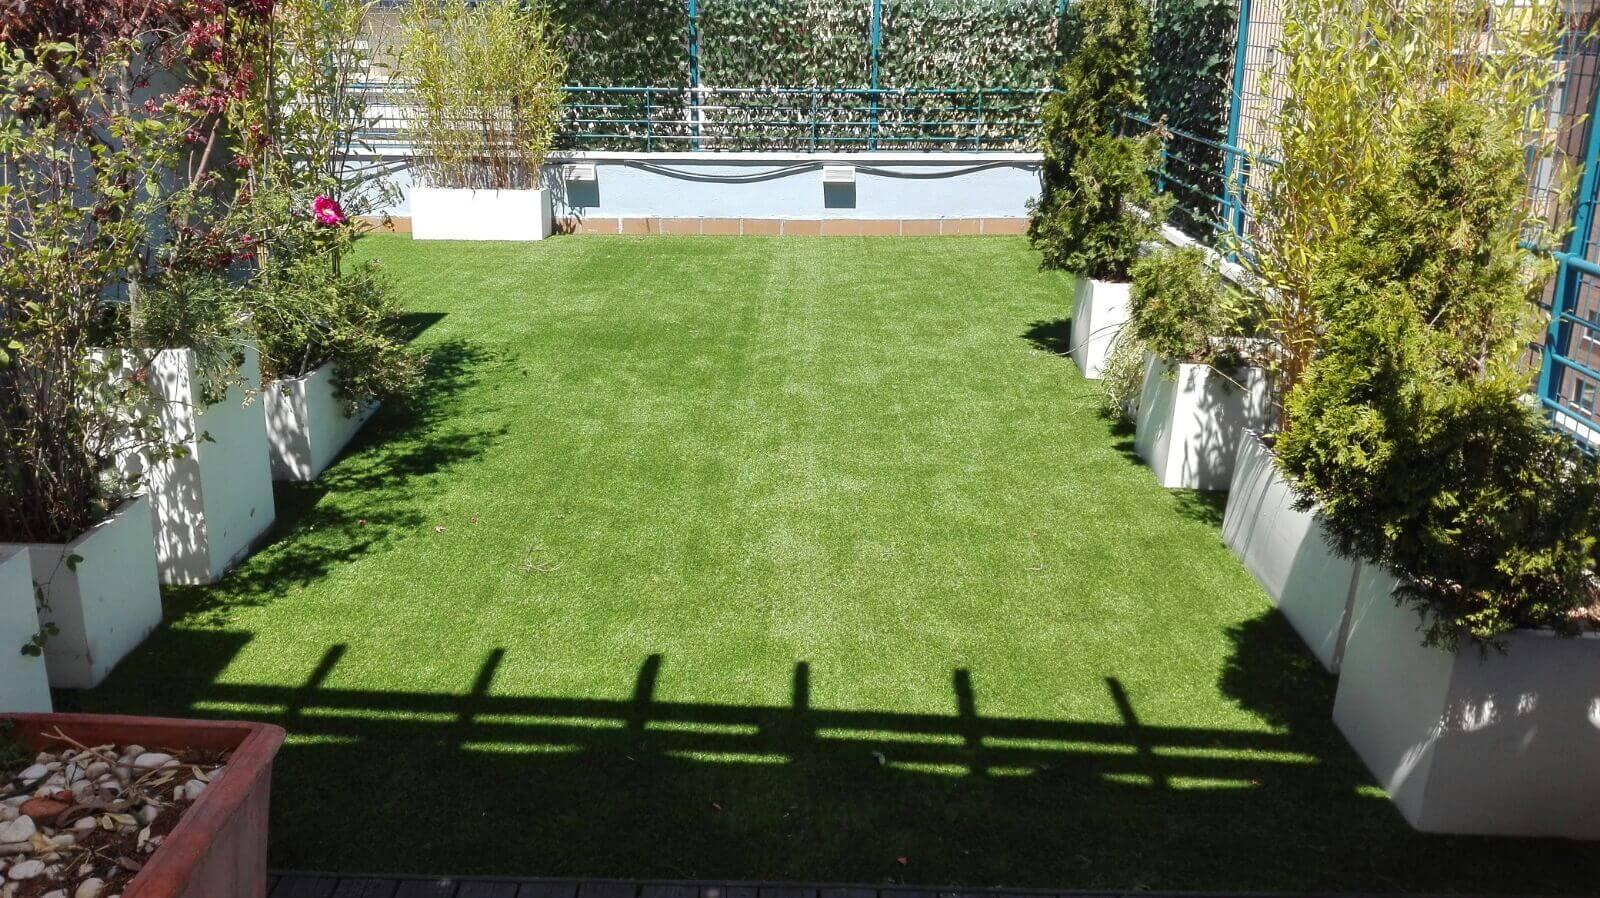 Instalaci n de c sped artificial living grass silk para - Cesped artificial para jardin ...